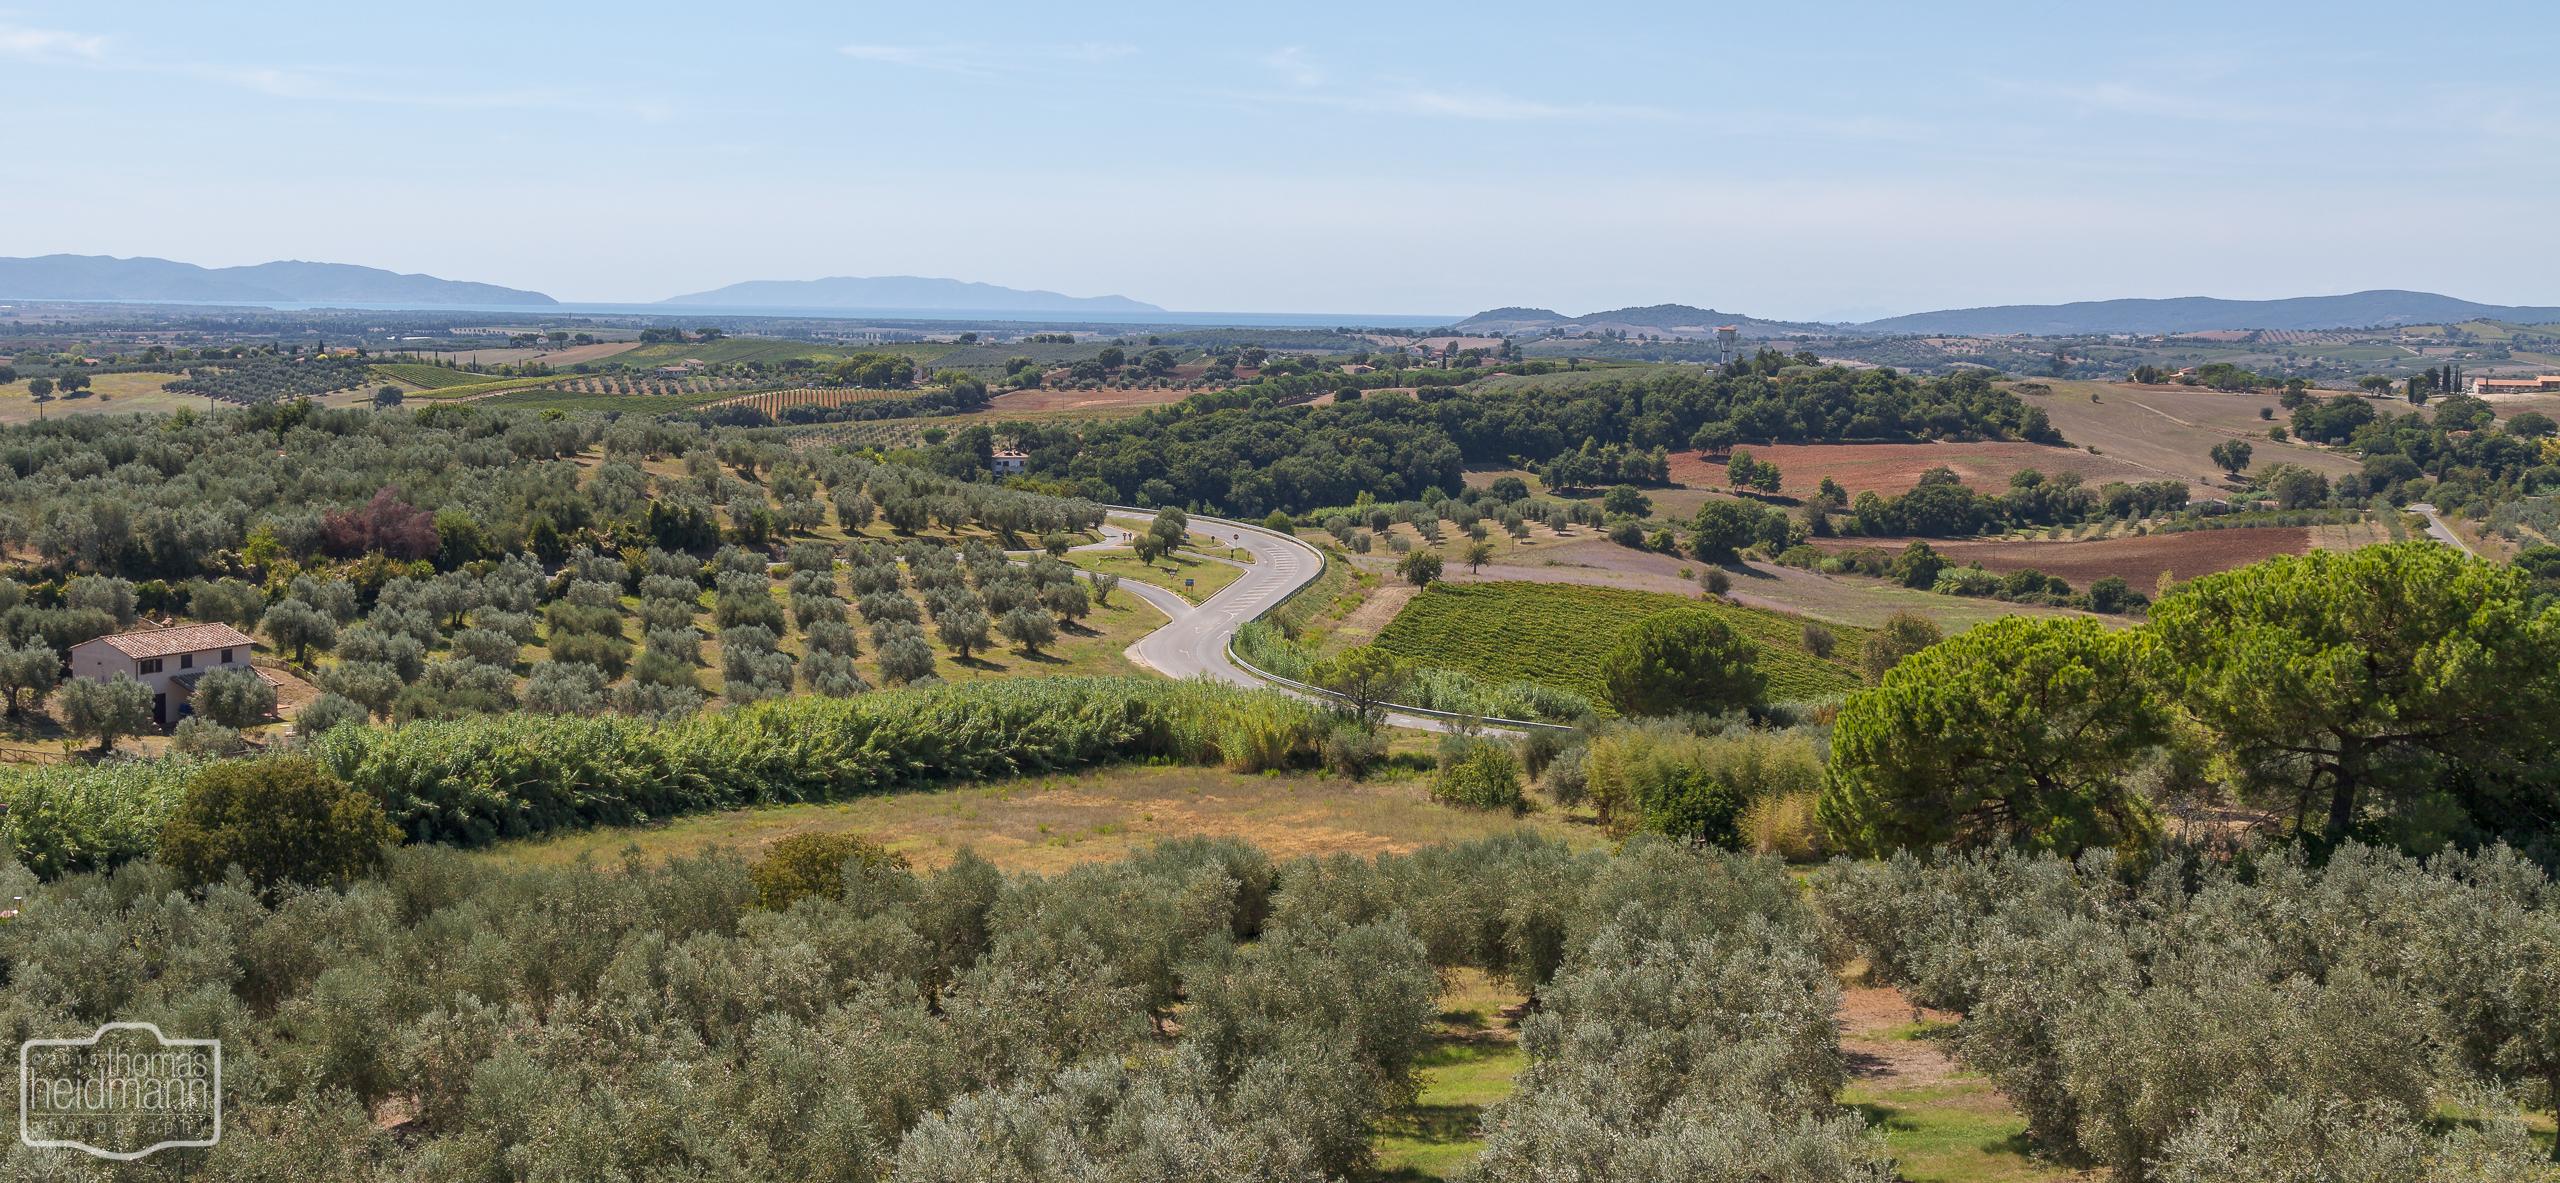 Blick von der Stadtmauer in Magliano (Süd-Toskana)